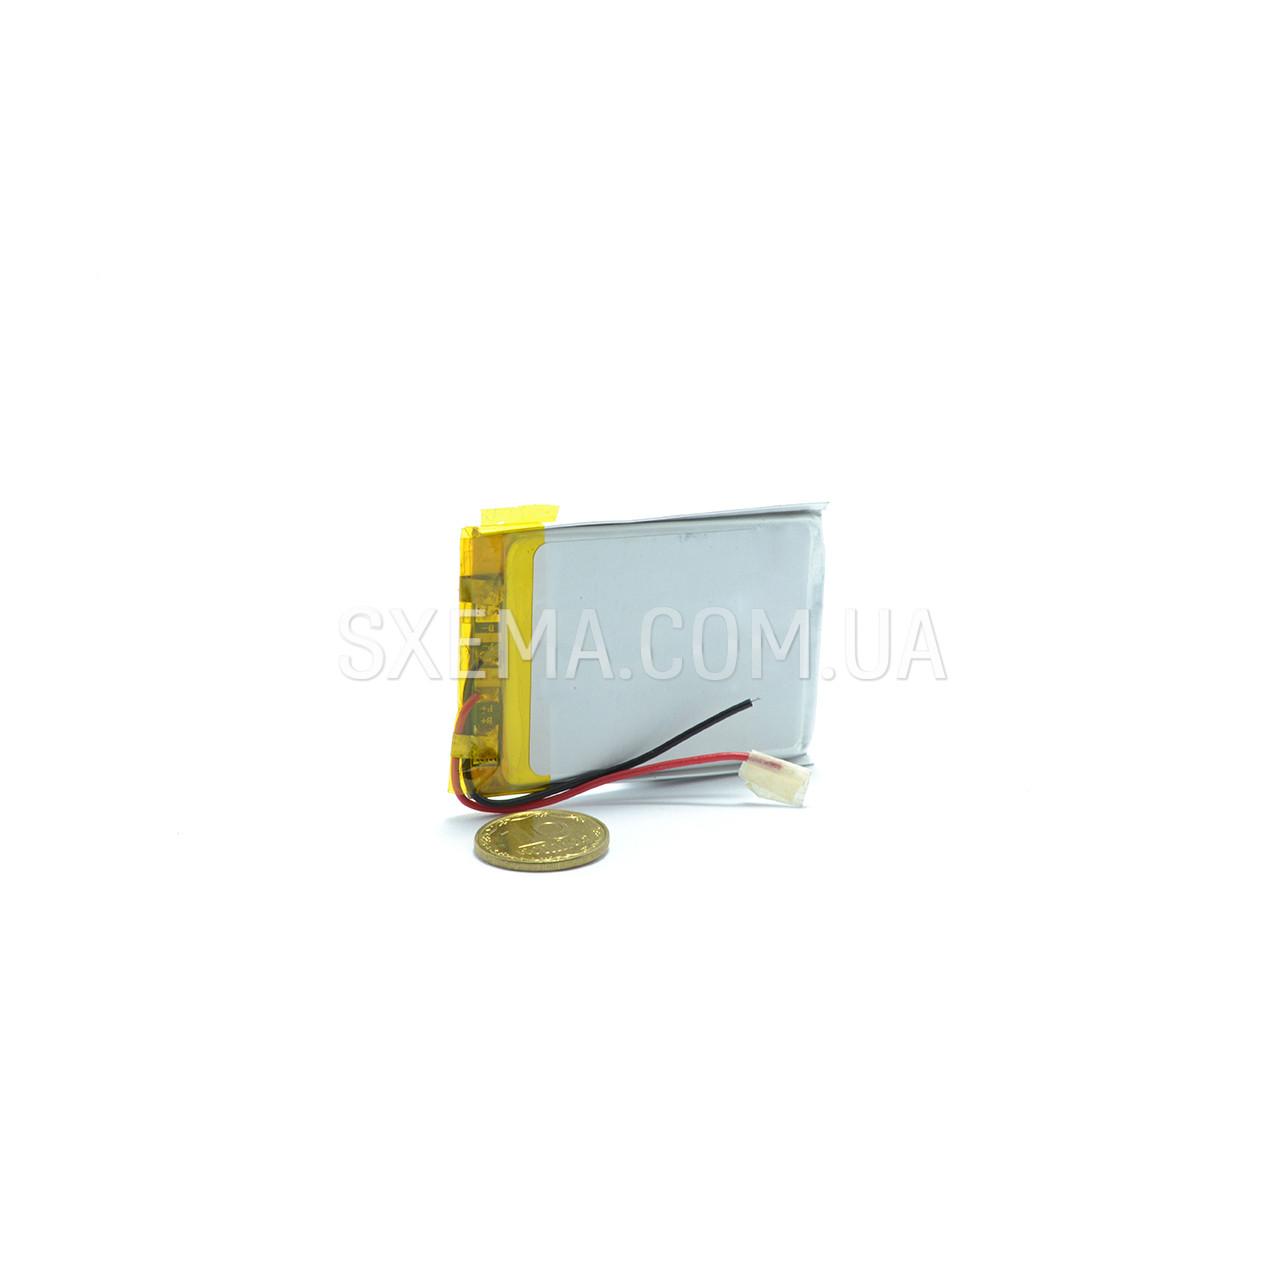 Аккумулятор универсальный 302040 (Li-ion 3.7В 450мА·ч), (20*30*4 мм)